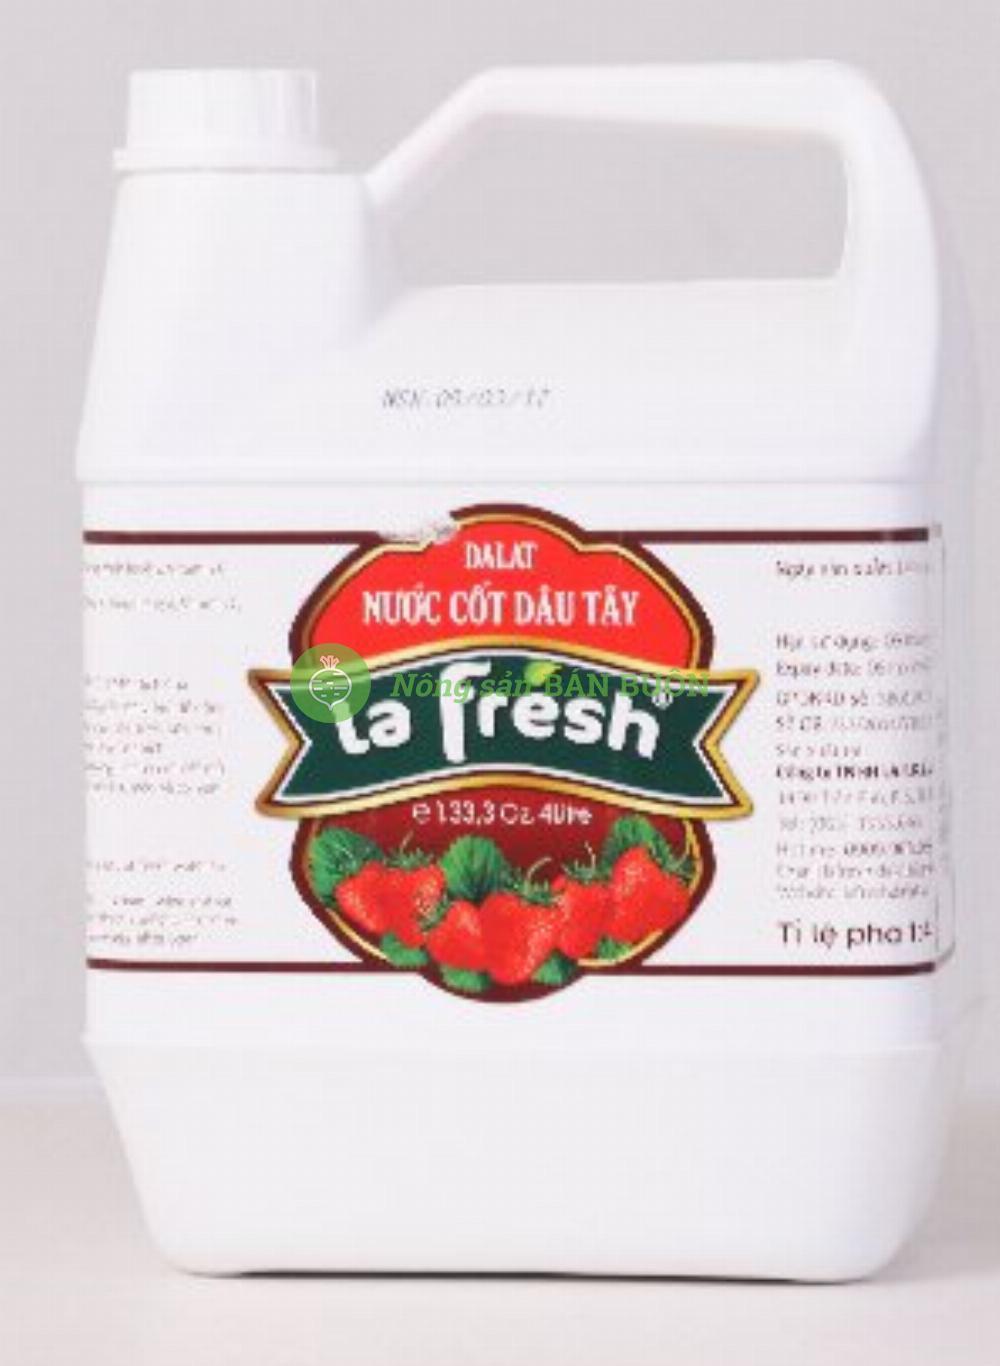 Nước cốt dâu tây đậm đặc 4 lít